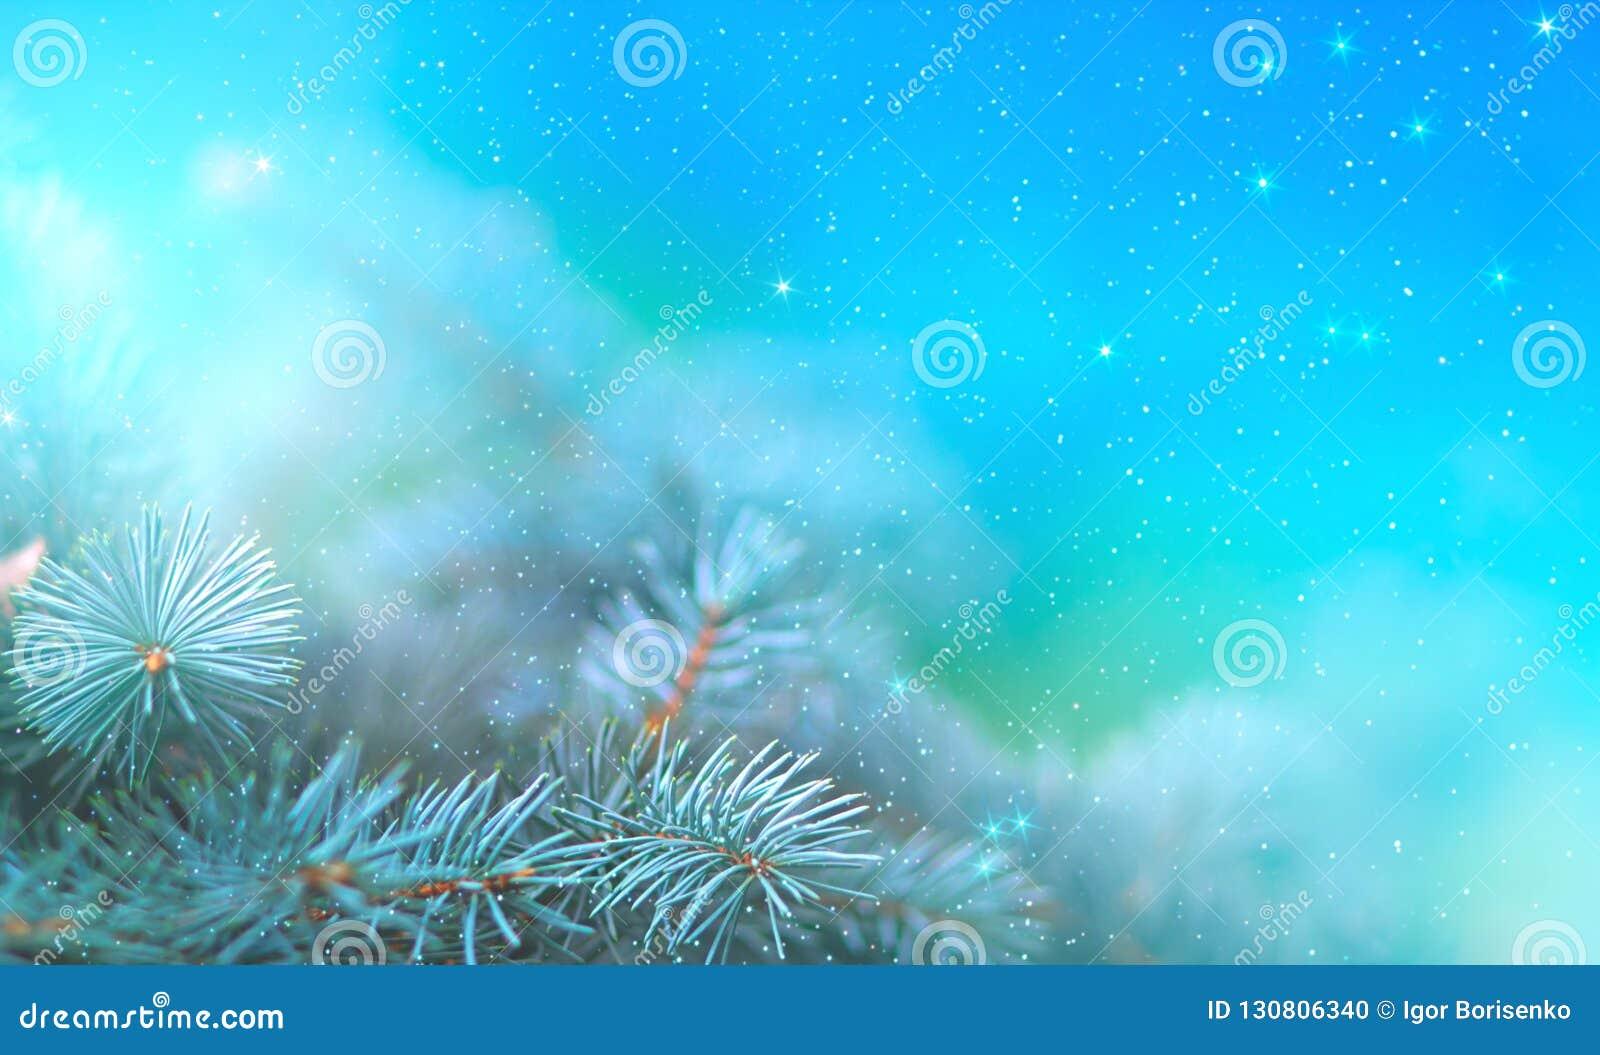 Weihnachtskiefernniederlassung in den Strahlen des hellen Abschlusses oben, des blauen Hintergrundes mit Reflexionen von Sternen